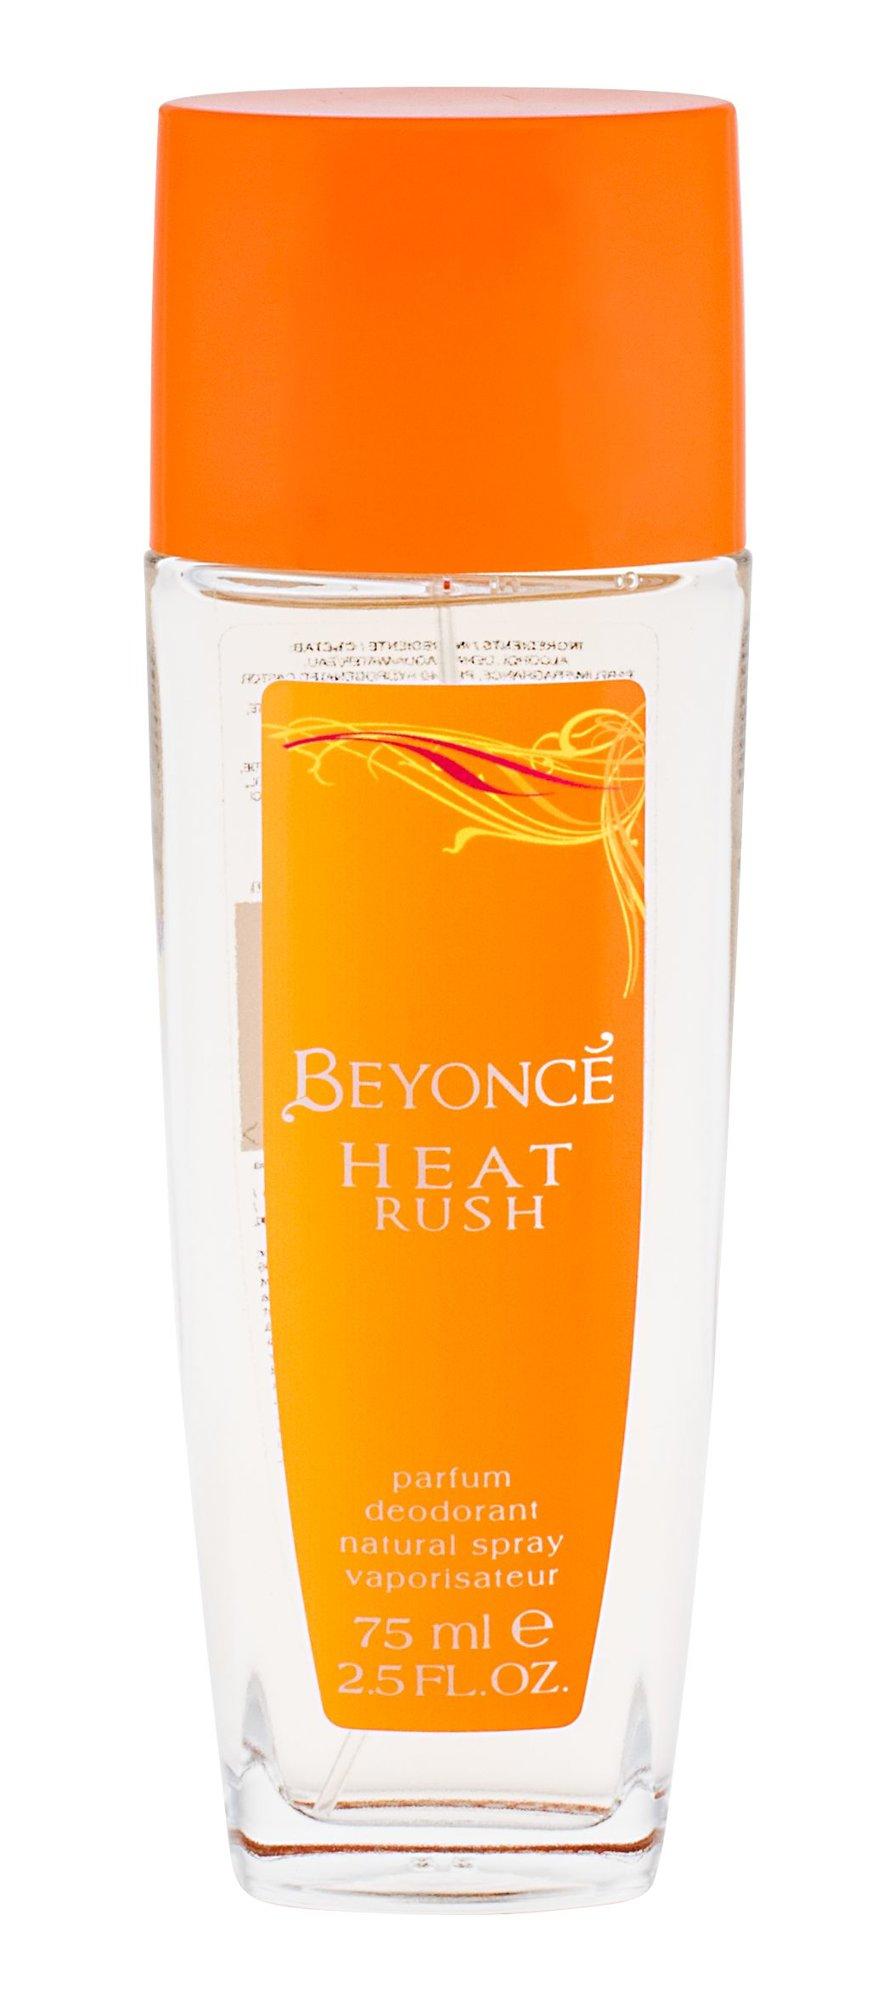 Purškiamas dezodorantas Beyonce Heat Rush